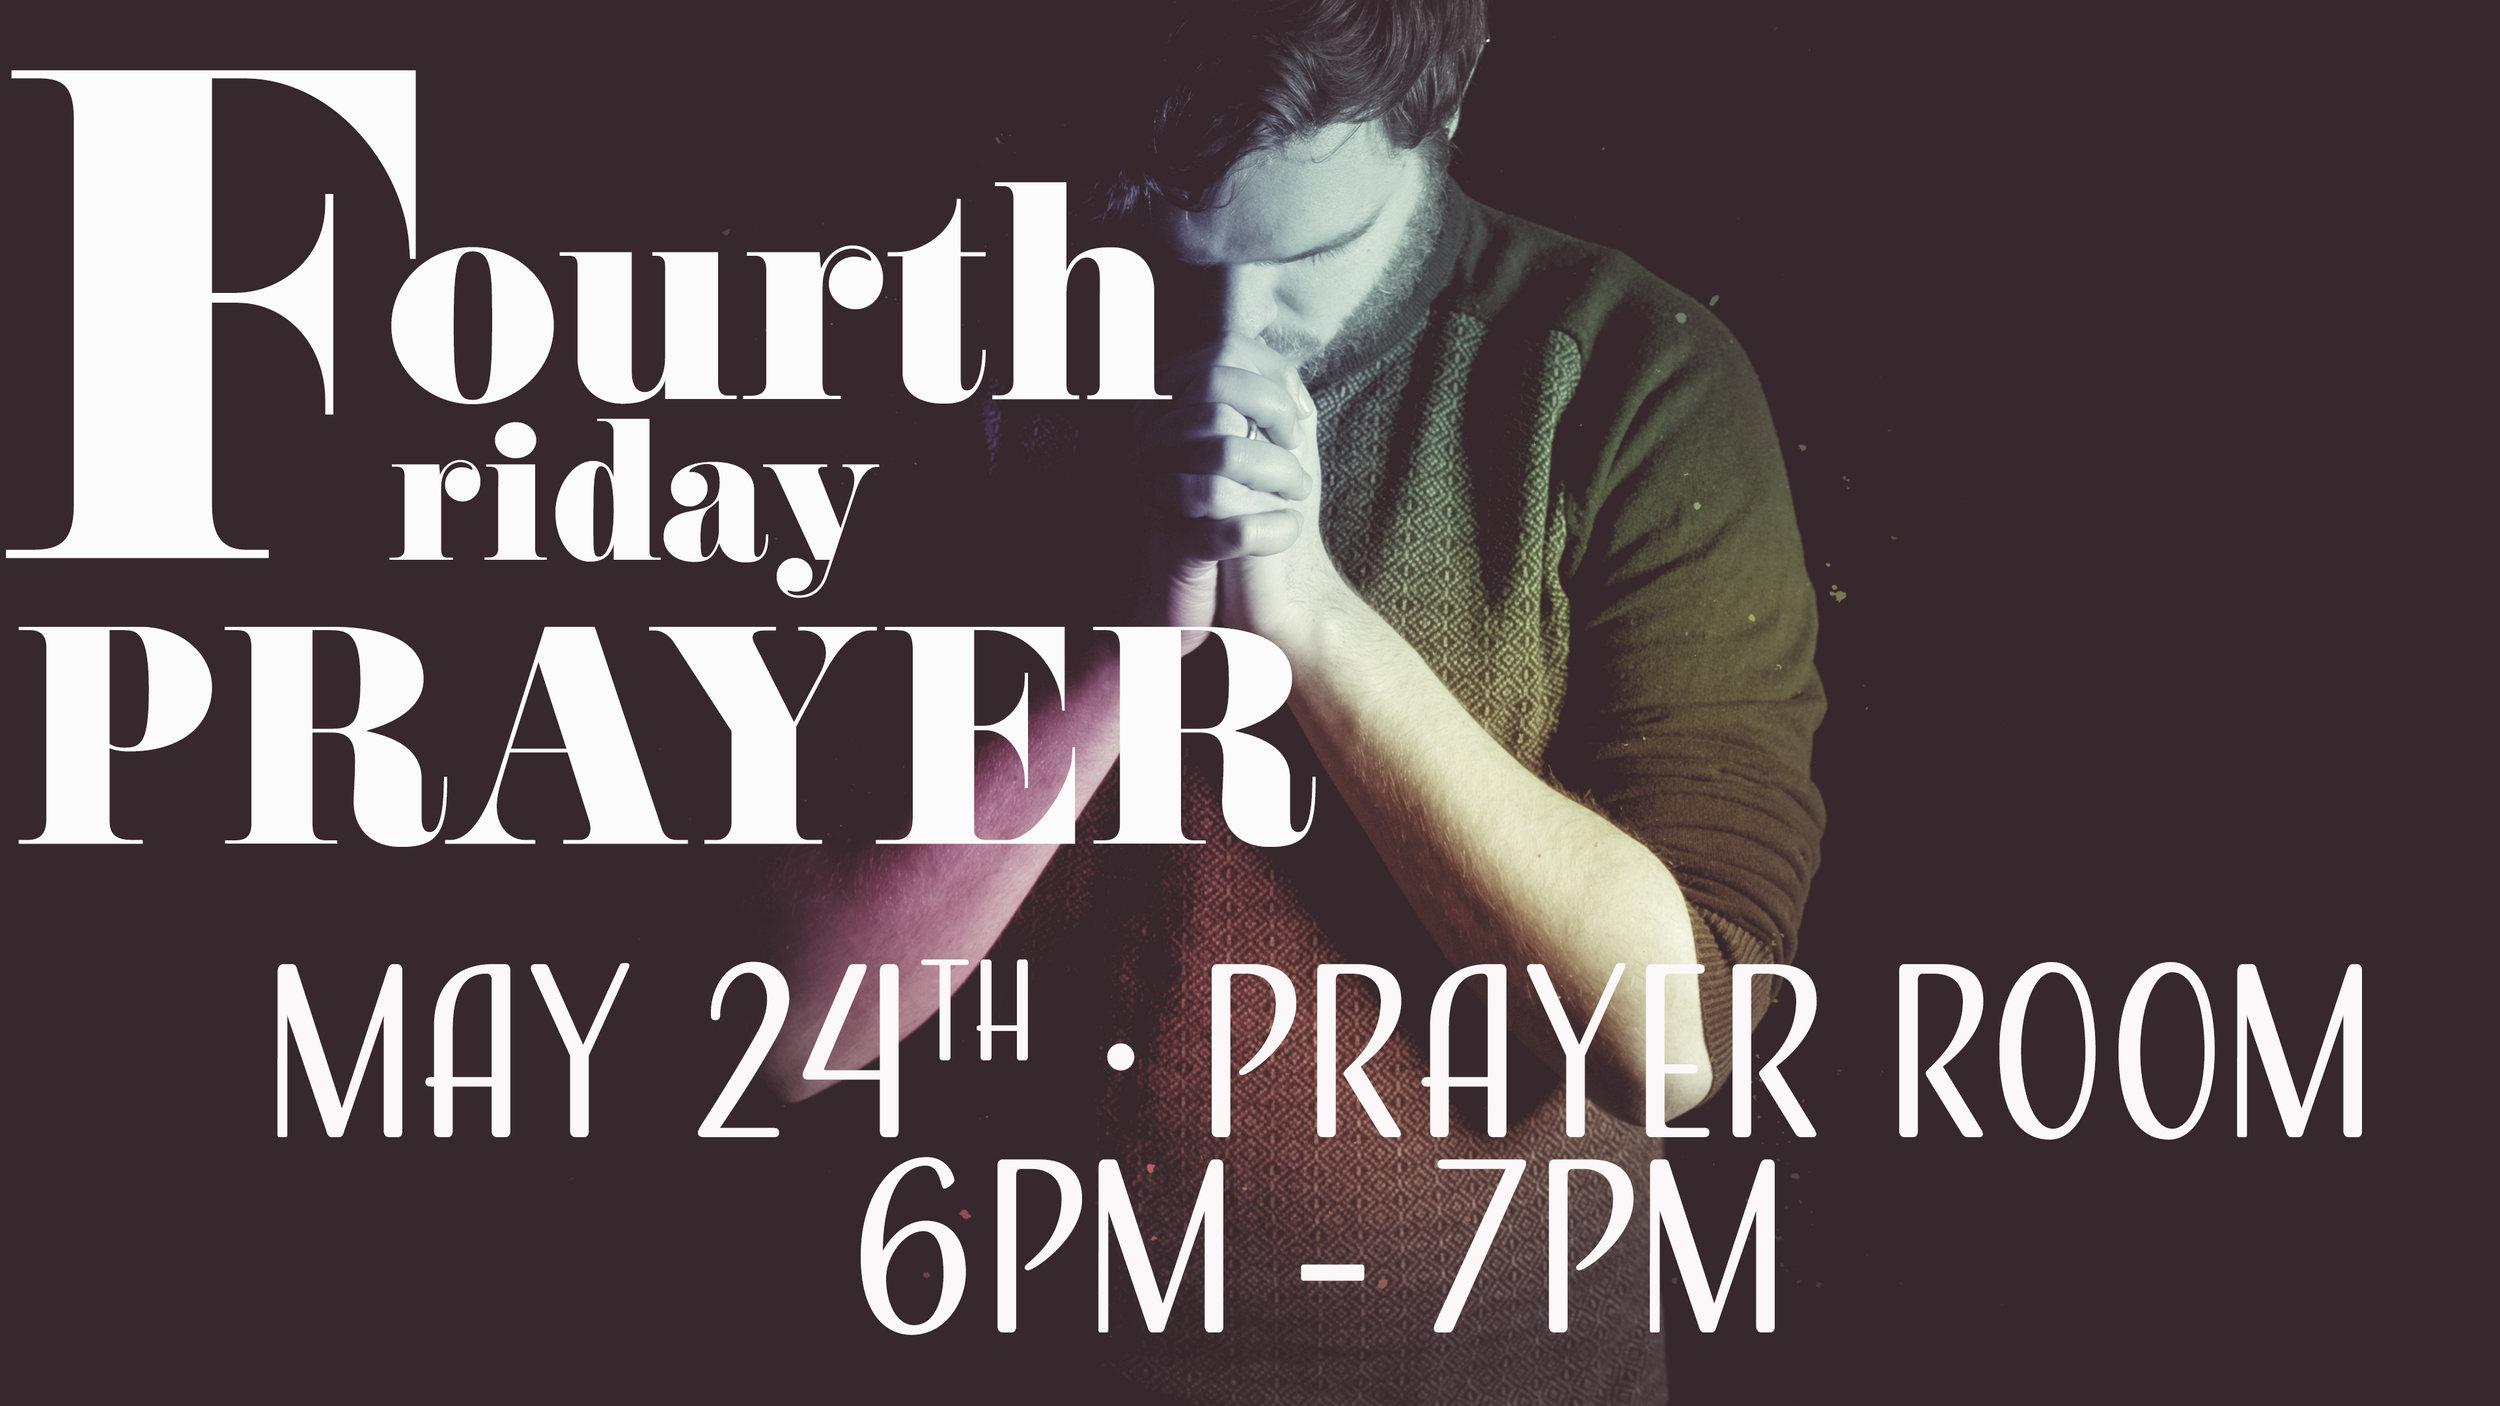 Fourth Friday Prayer.jpg